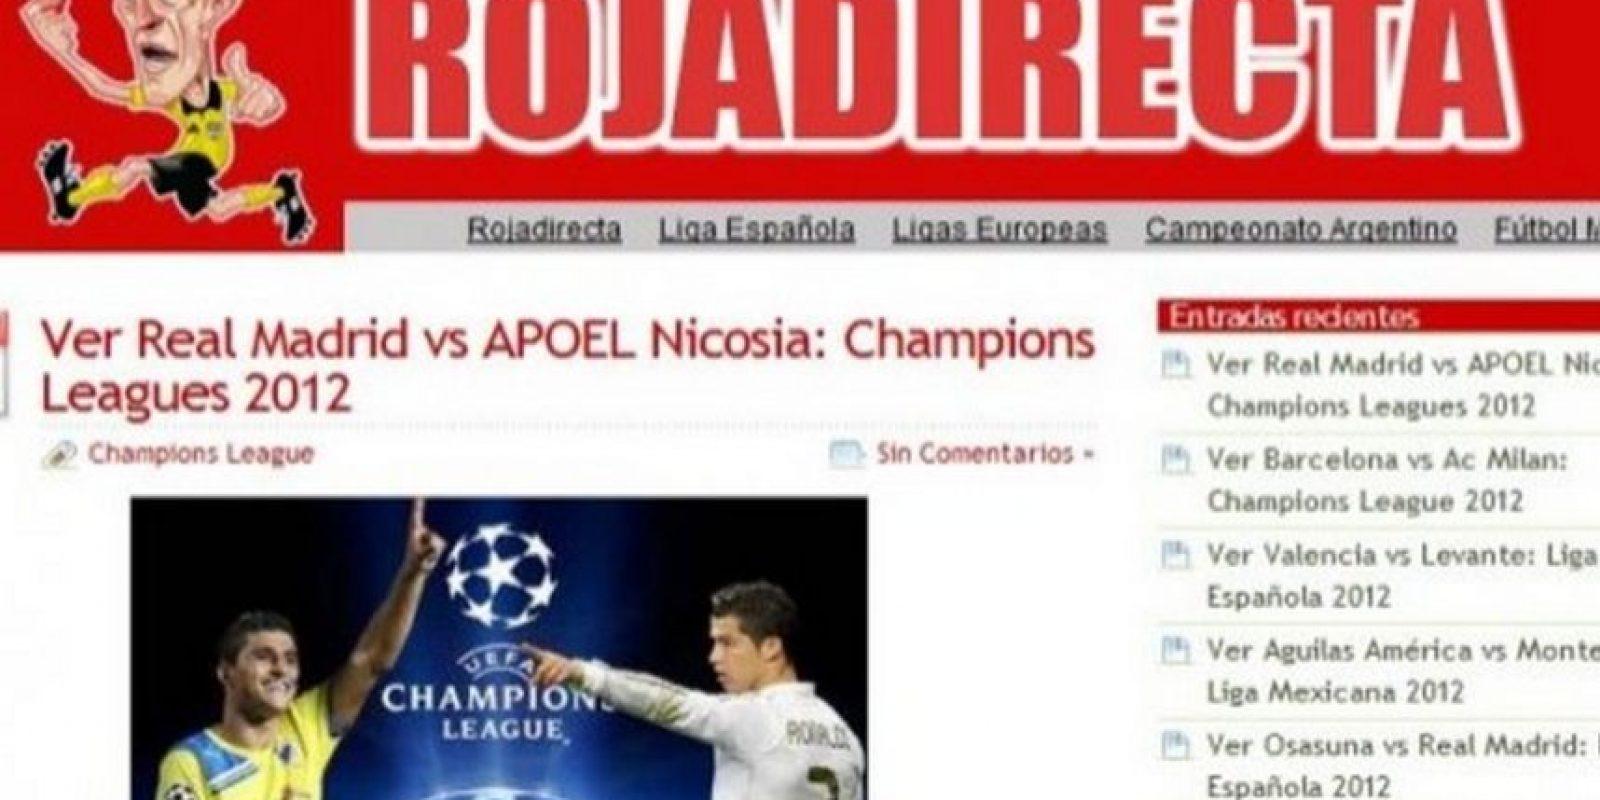 En Rojadirecta se pueden observar partidos de la Liga española, la Premier League, Bundesliga, UEFA Champions League, entre otros eventos más. Foto:Rojadirecta